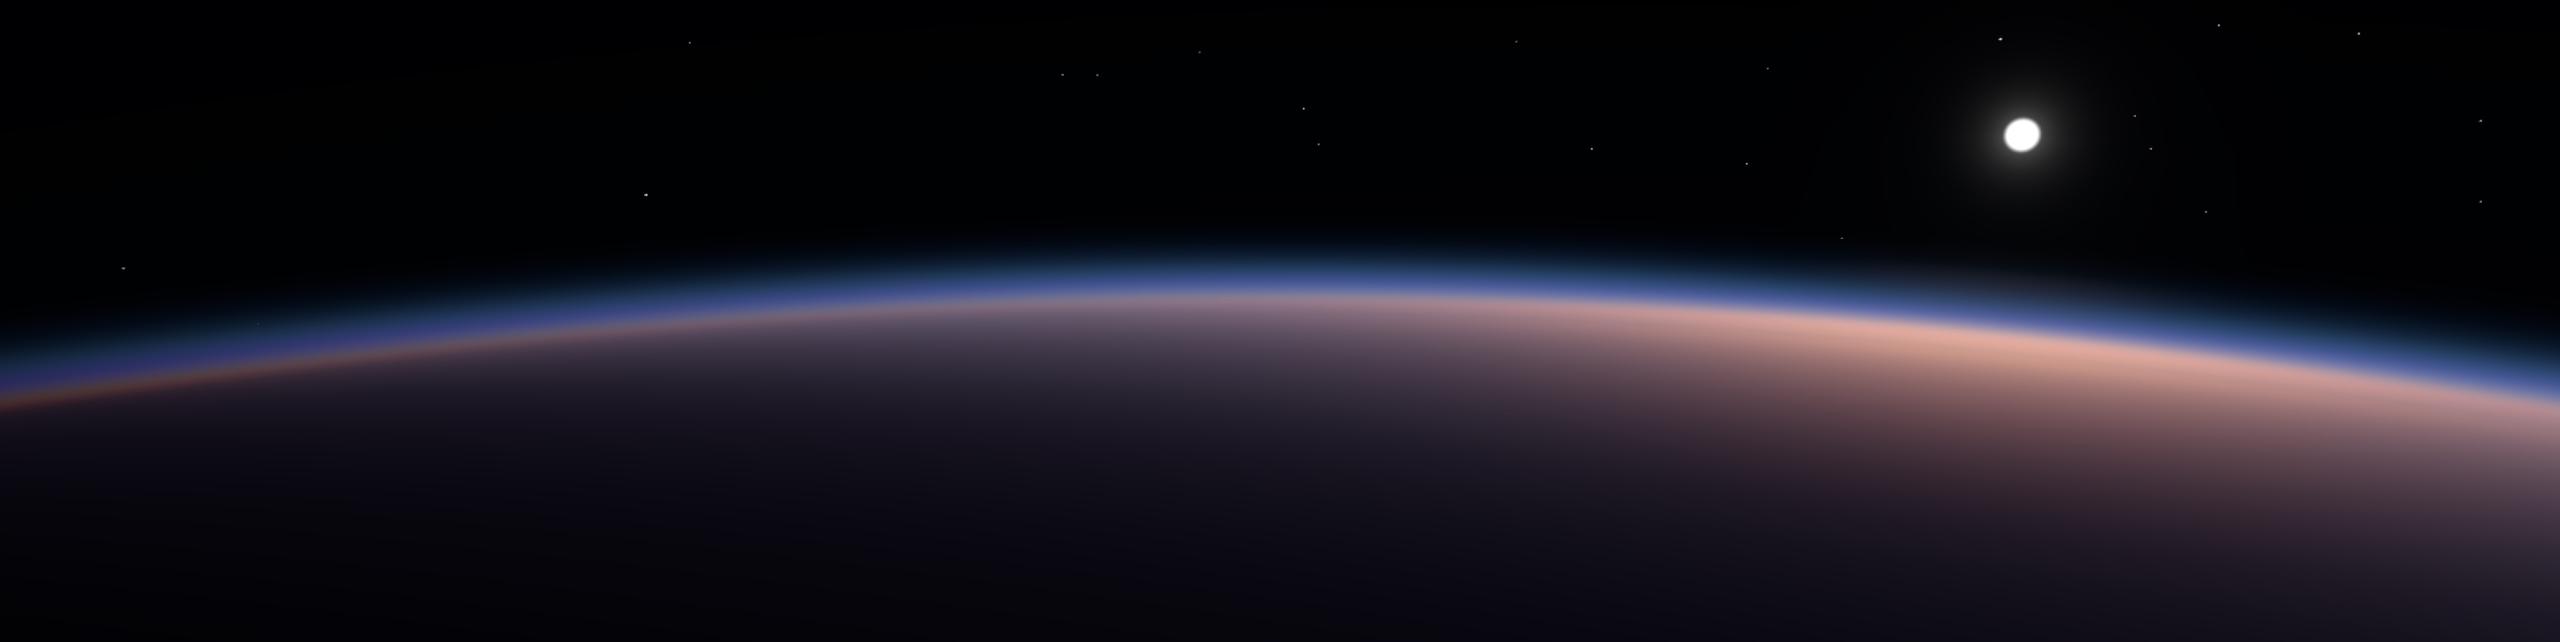 Атмосфера Земли из Космоса, с низкой орбиты в 200 км (игровой движок).